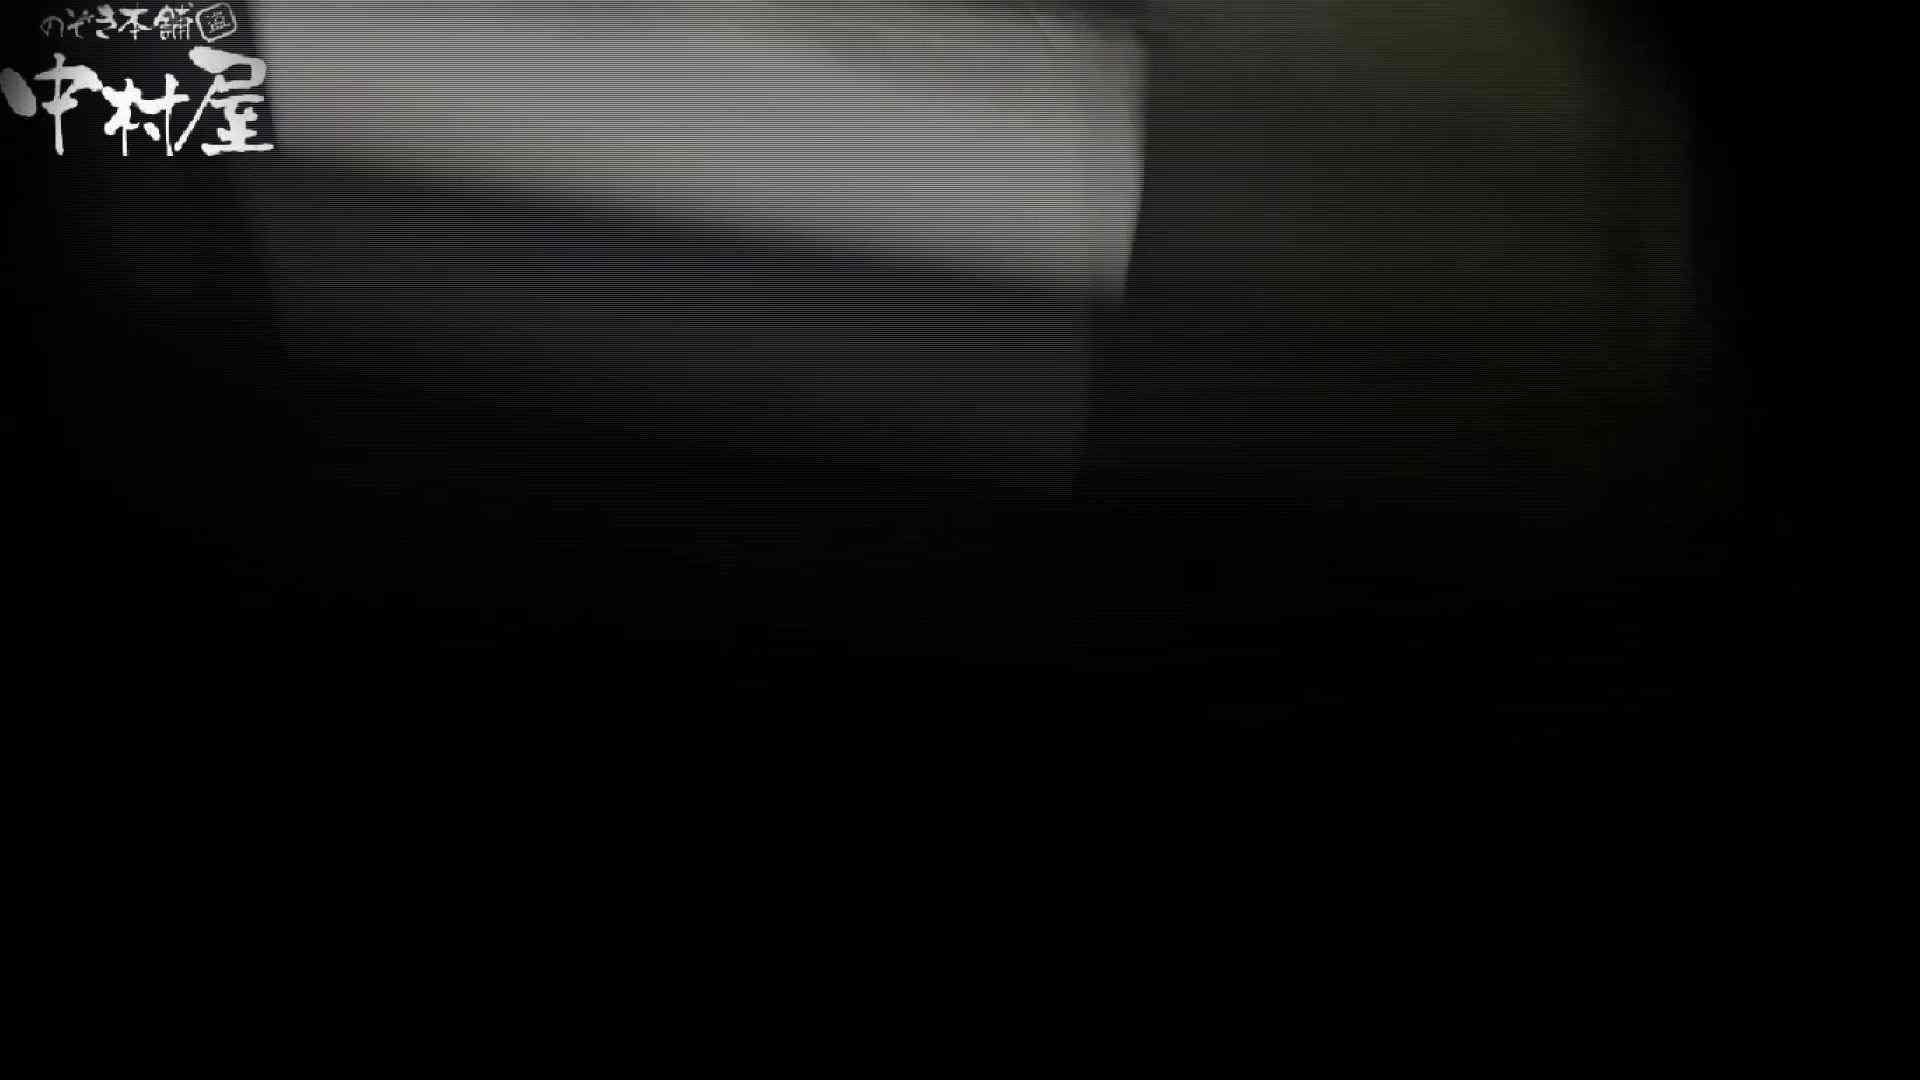 世界の射窓から~ステーション編~vol40 更に画質アップ!! OLハメ撮り  49Pix 39